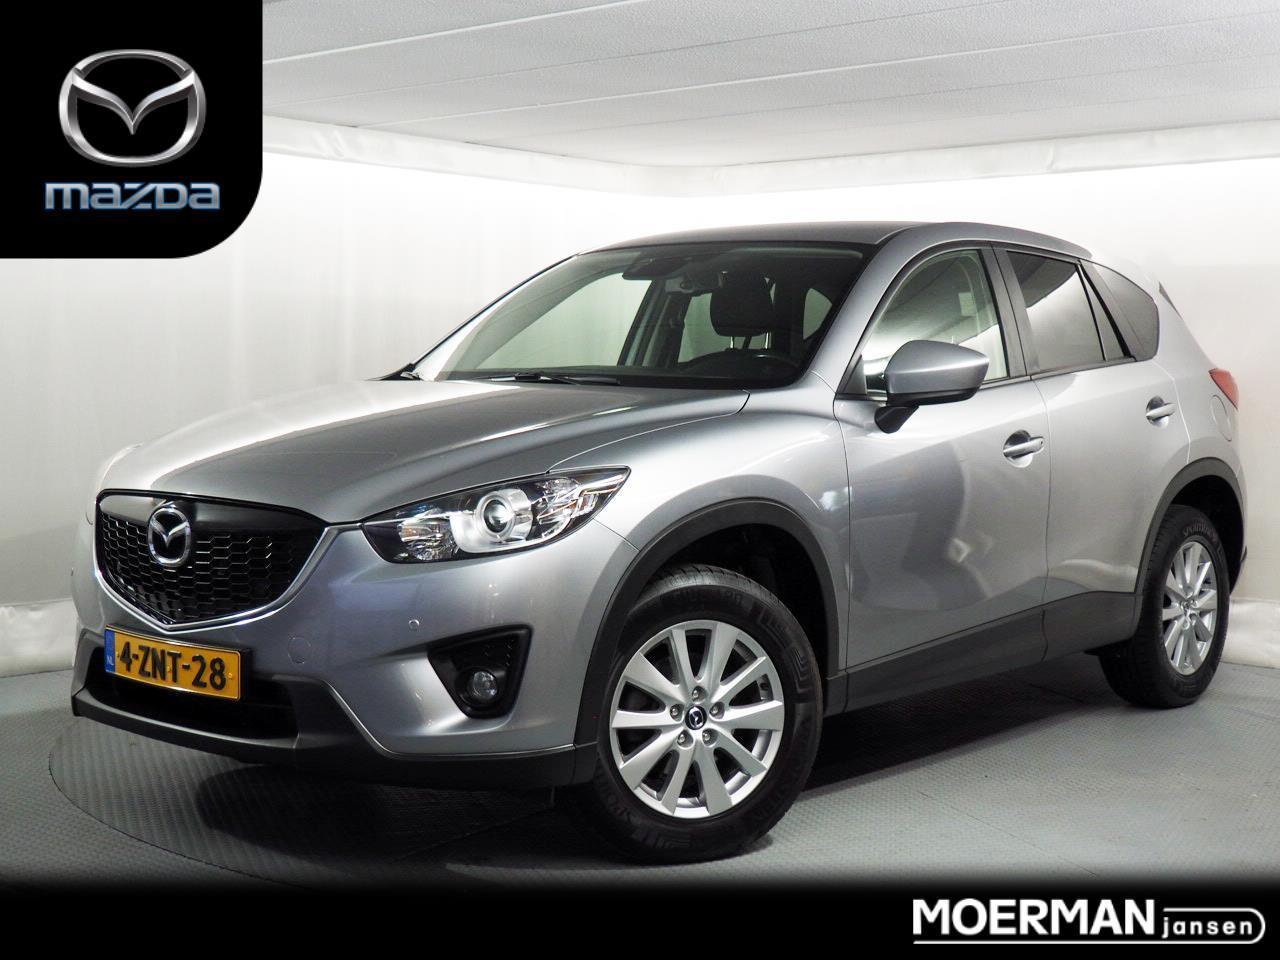 Mazda Cx-5 2.0 ts+ / 1ste eigenaar / trekhaak / parkeersensoren achter / dealeronderhouden